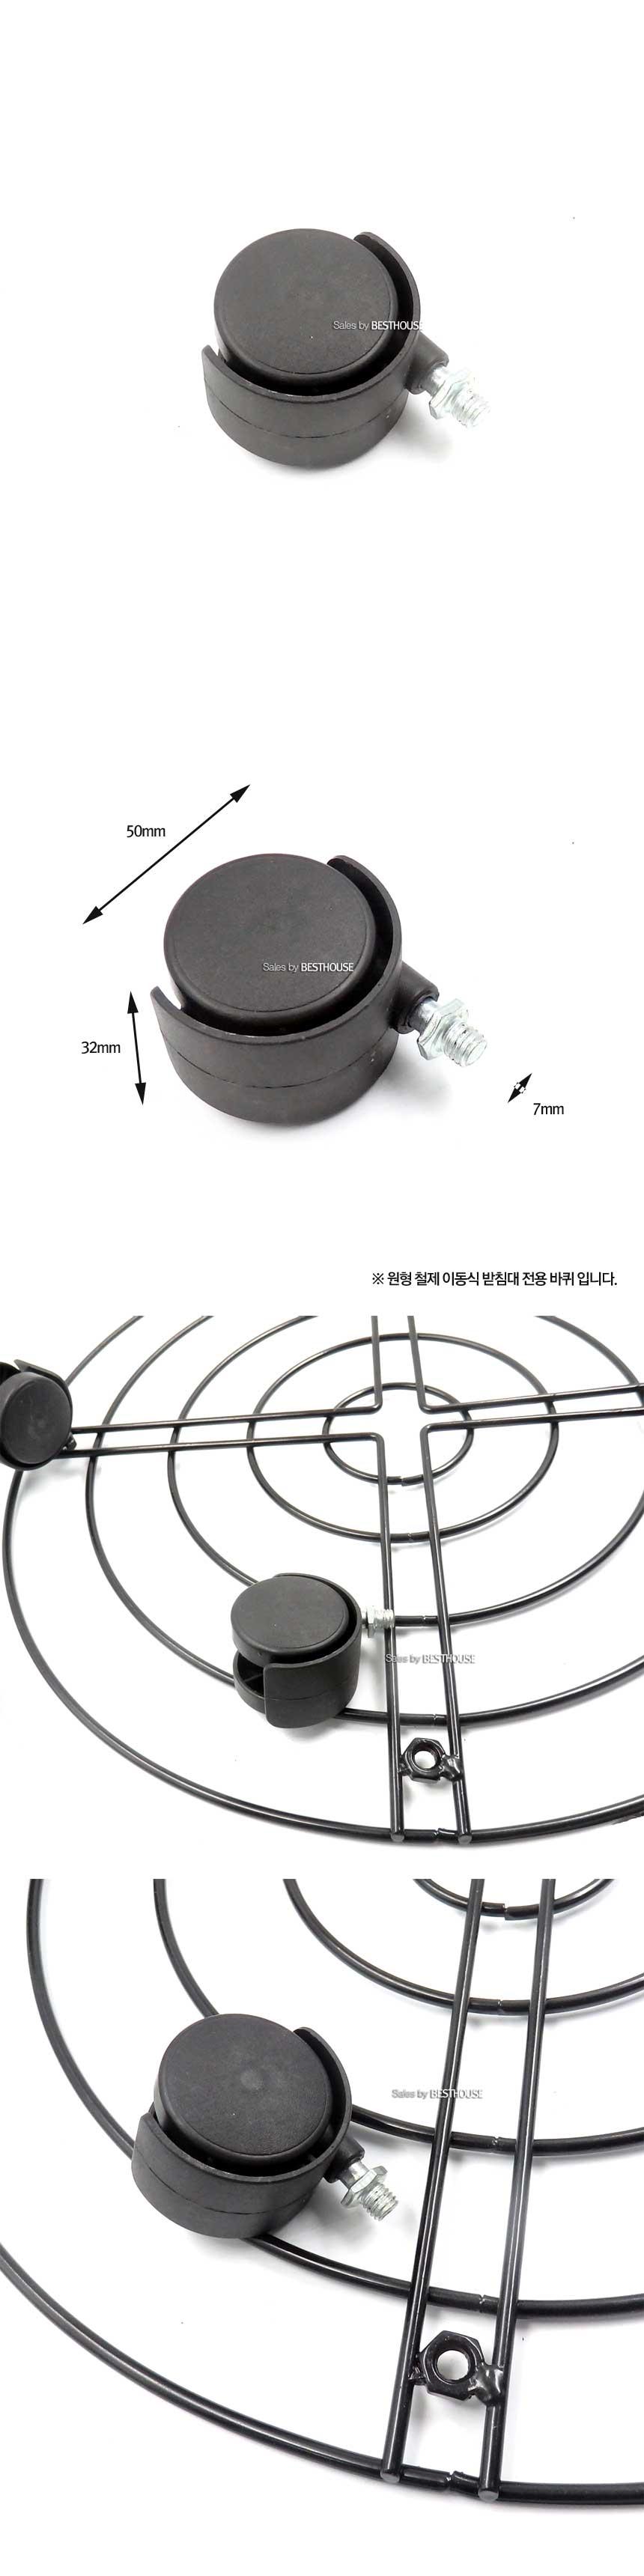 베하.철제 이동식 다용도 받침대 원형 - 전용 바퀴(1개)